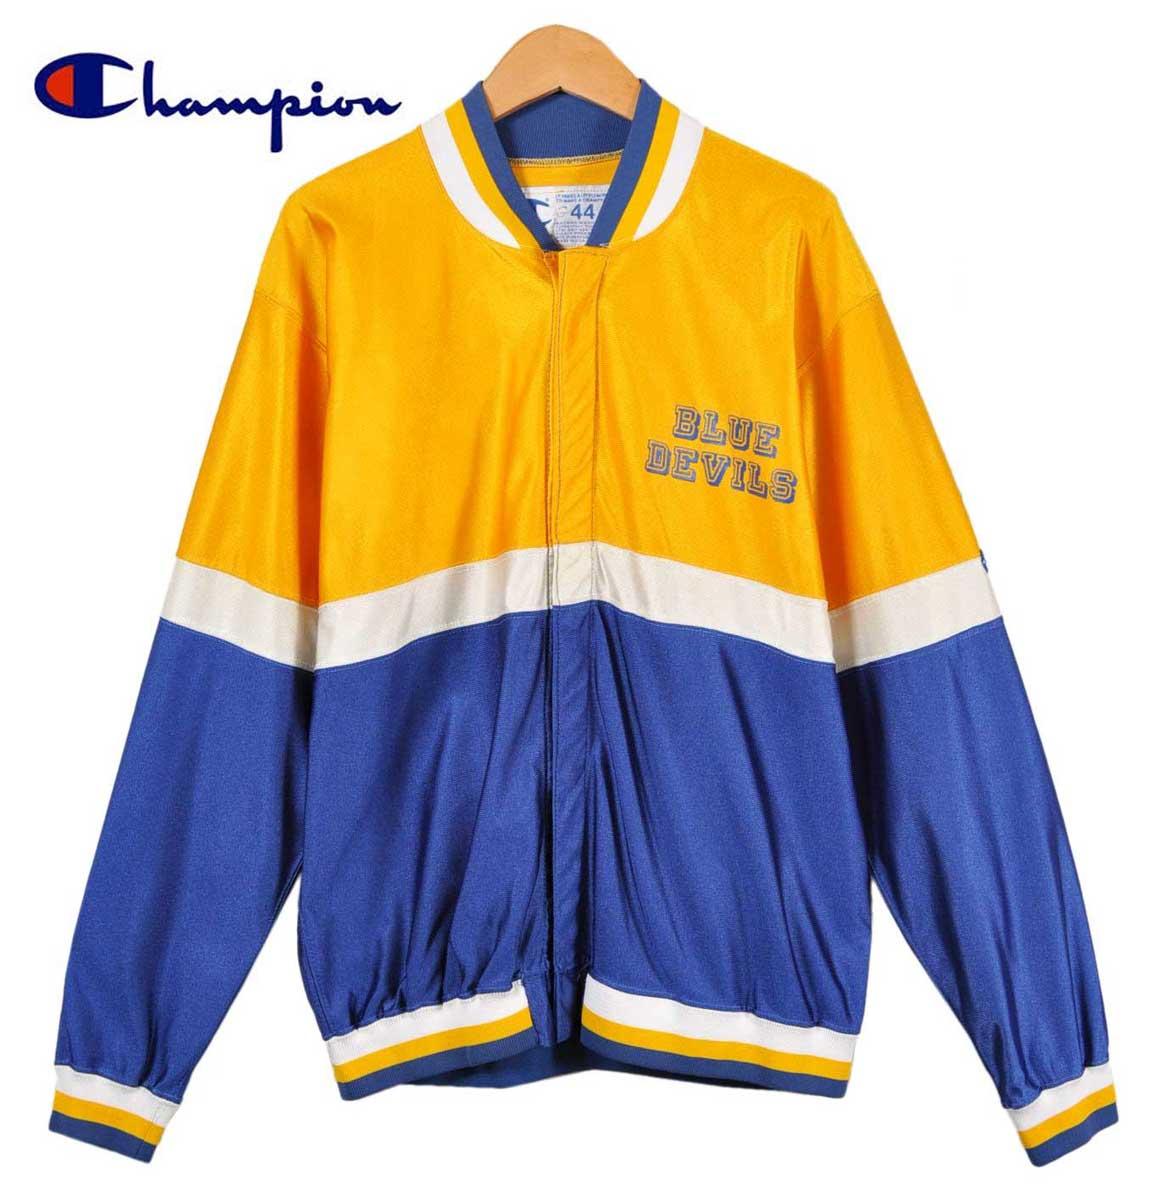 ヴィンテージ 1990年代 USA製 / CHAMPION チャンピオン / BLUE DEVILS ブルーデビルス / チーム別注 フロントスナップ ジャージ / イエロー×ブルー×ホワイト / メンズXL相当【中古】▽♪